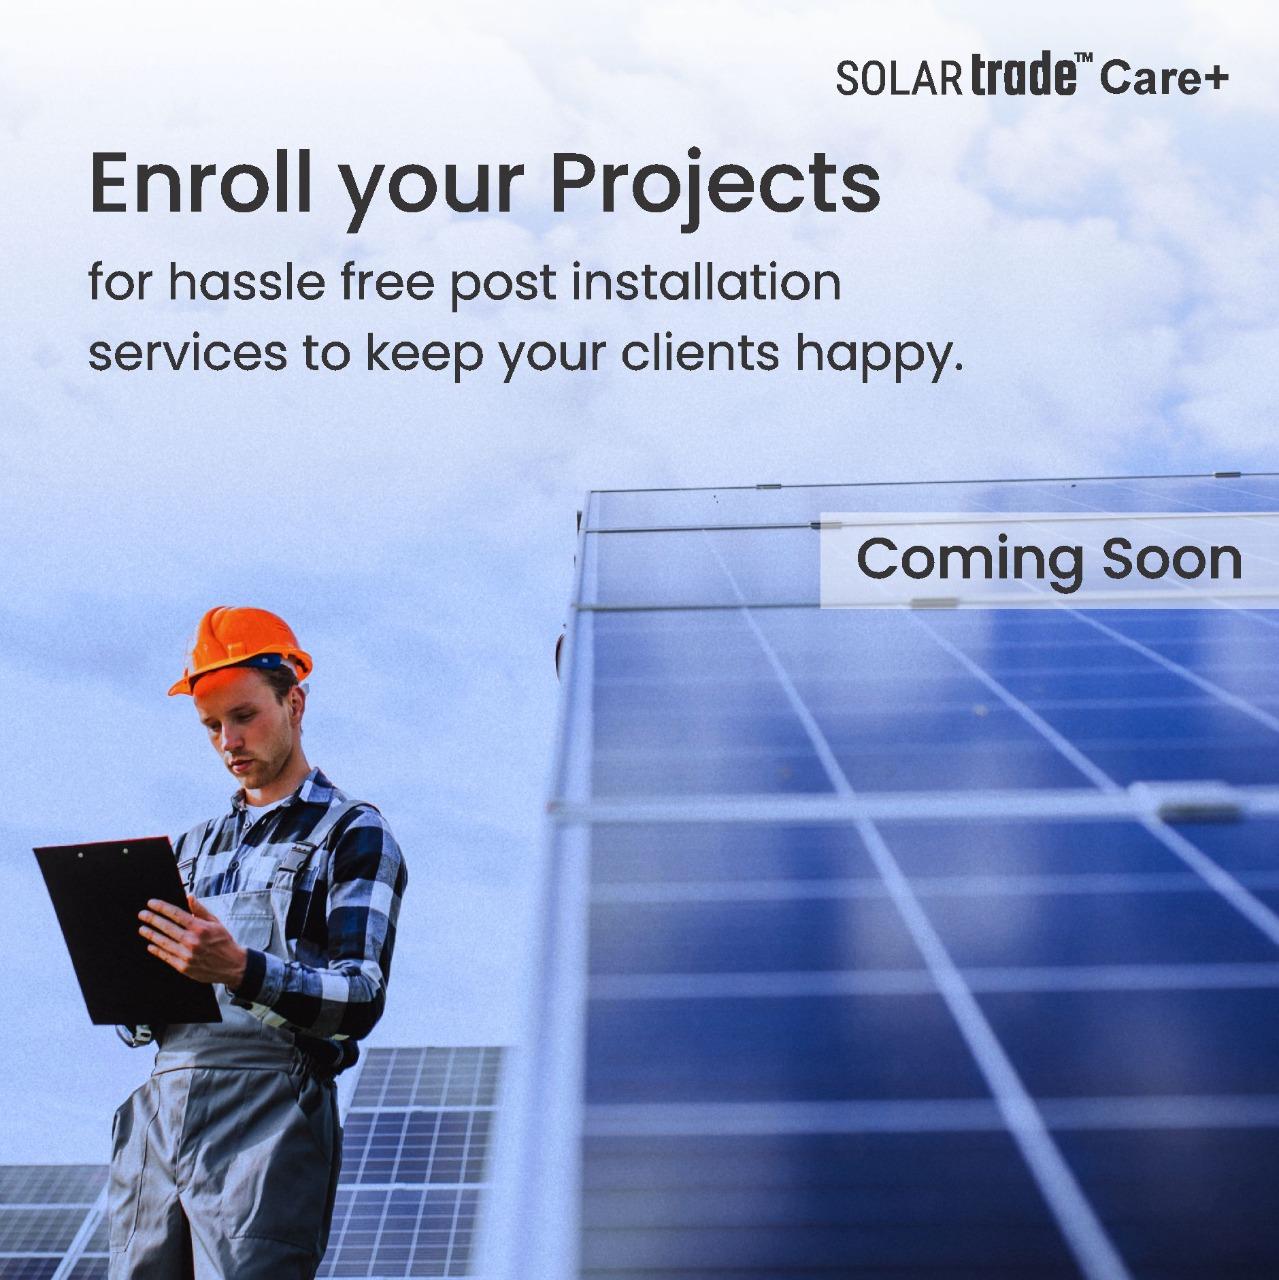 Solartrade Care